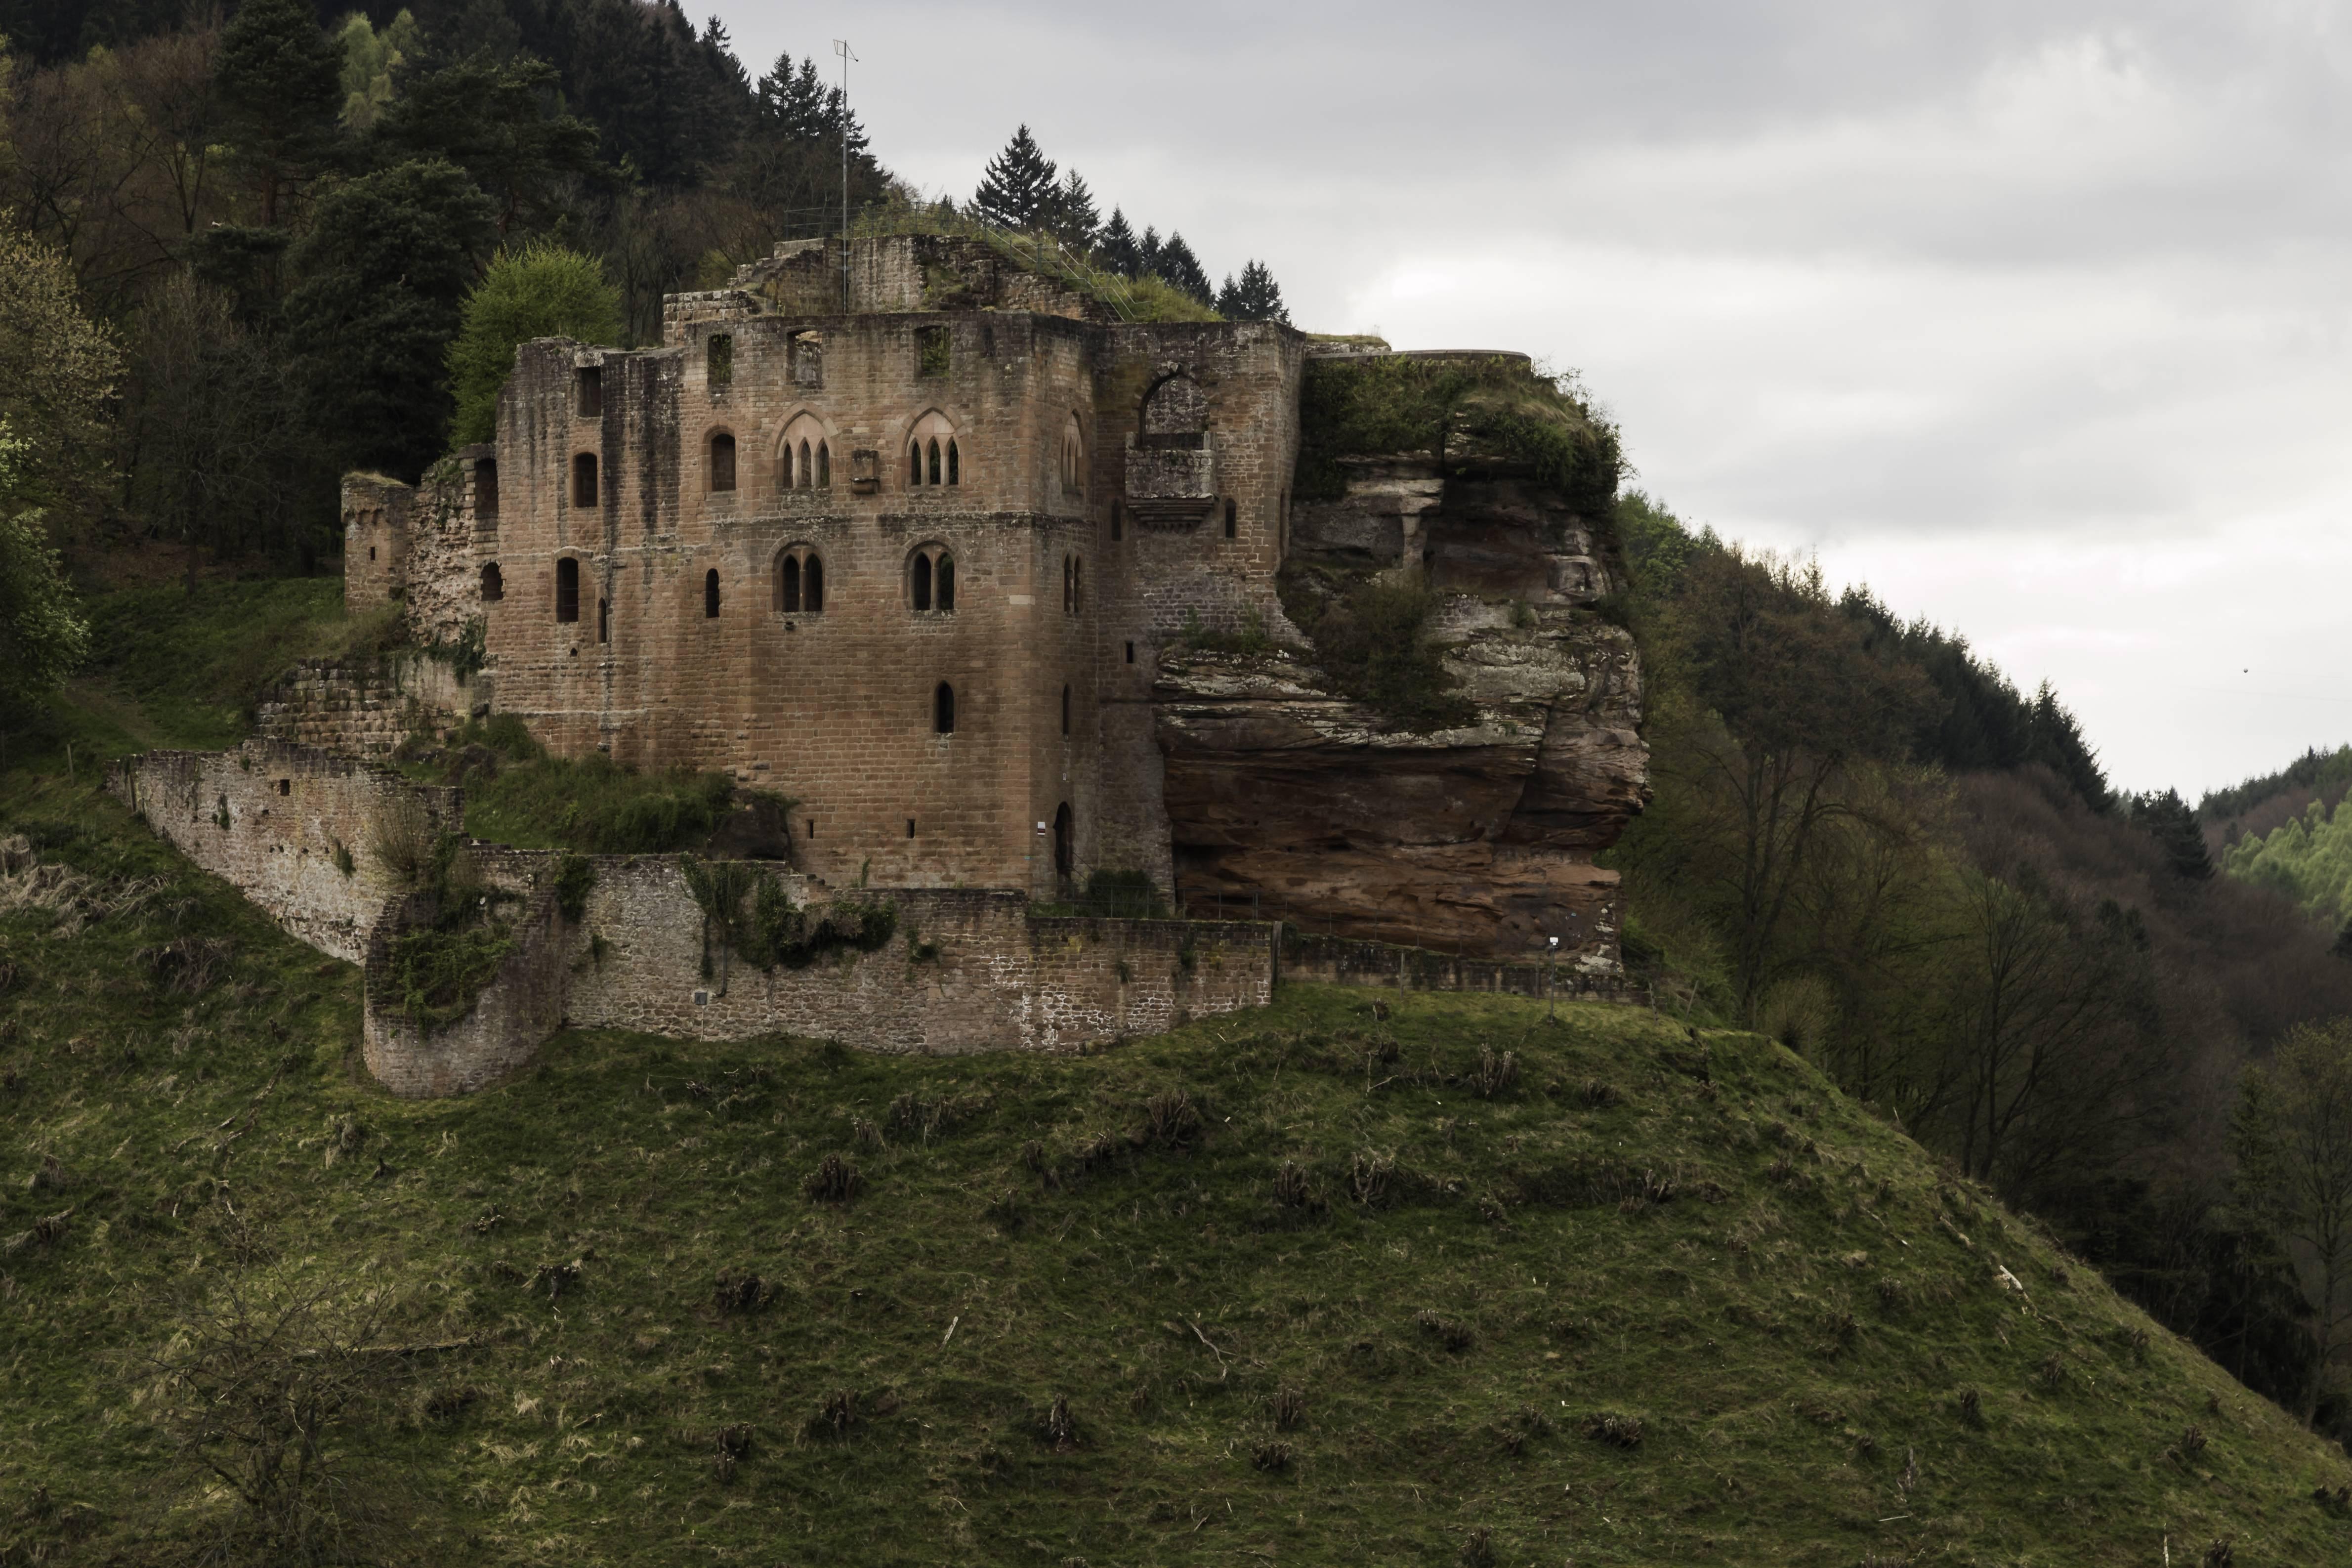 Замок франкенштейн в германии: фото, история, как добраться | vectorme, векторми